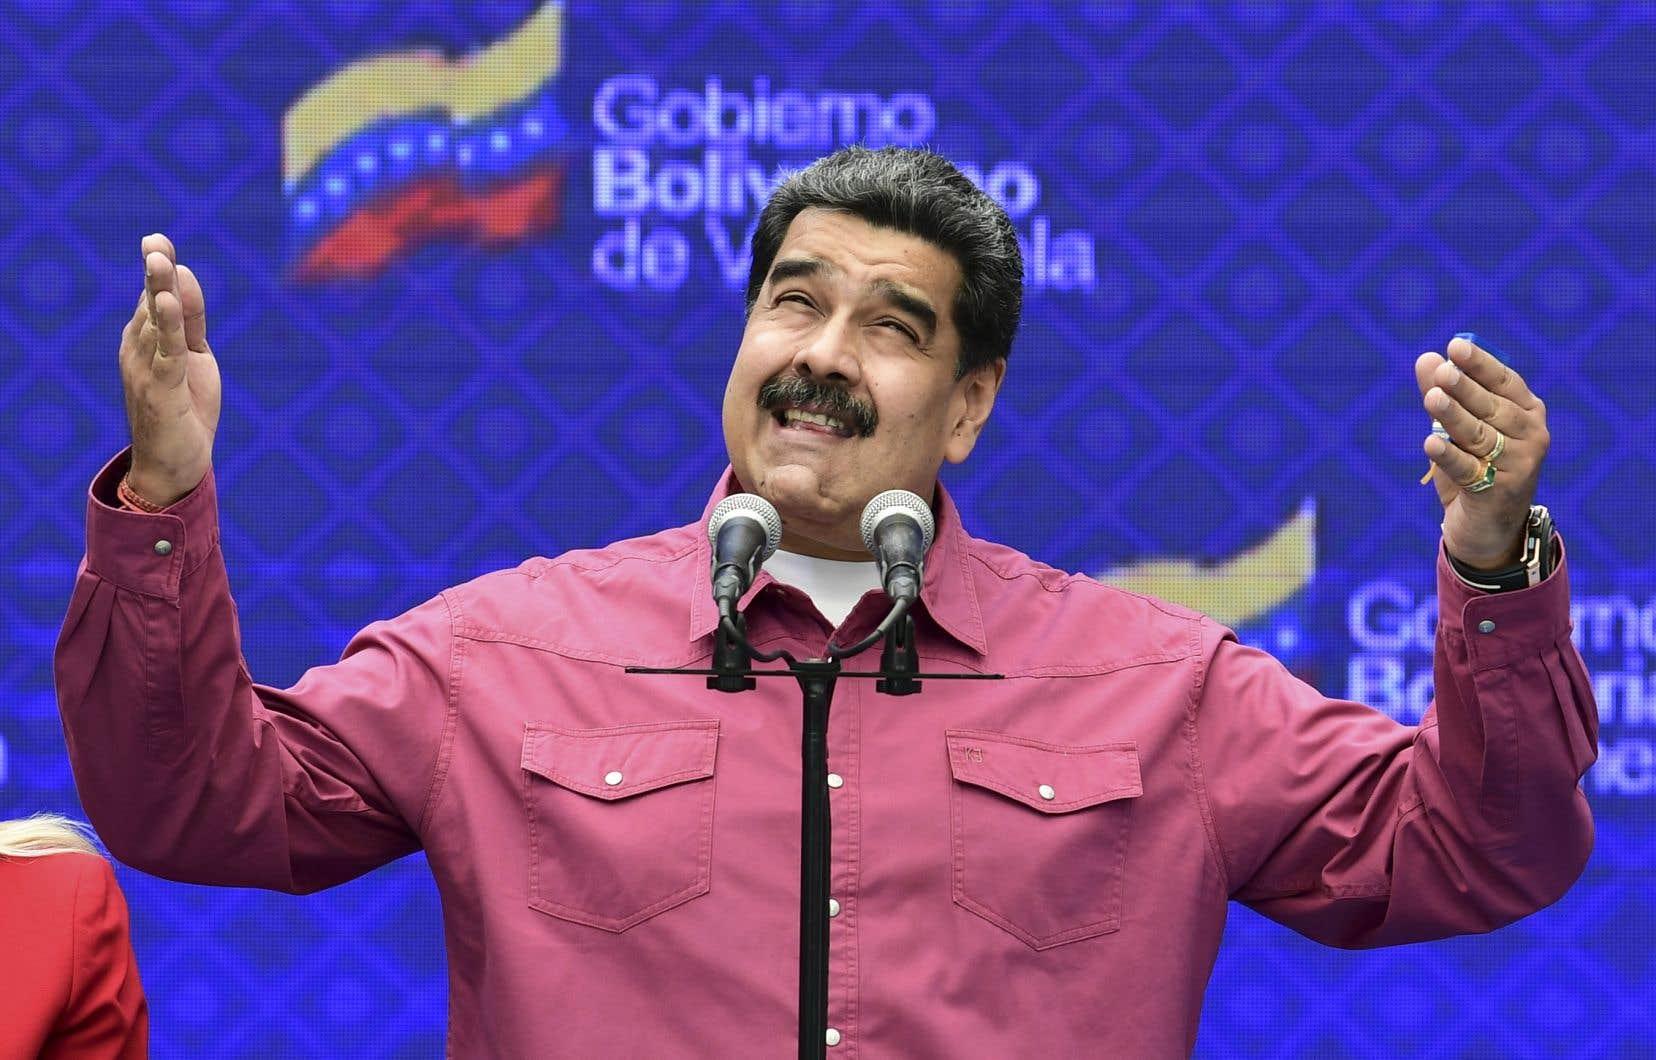 Avec la majorité au Parlement, Nicolas Maduro a désormais acquis à sa cause tous les leviers institutionnels du pays, de la Cour suprême à l'armée, son principal soutien.